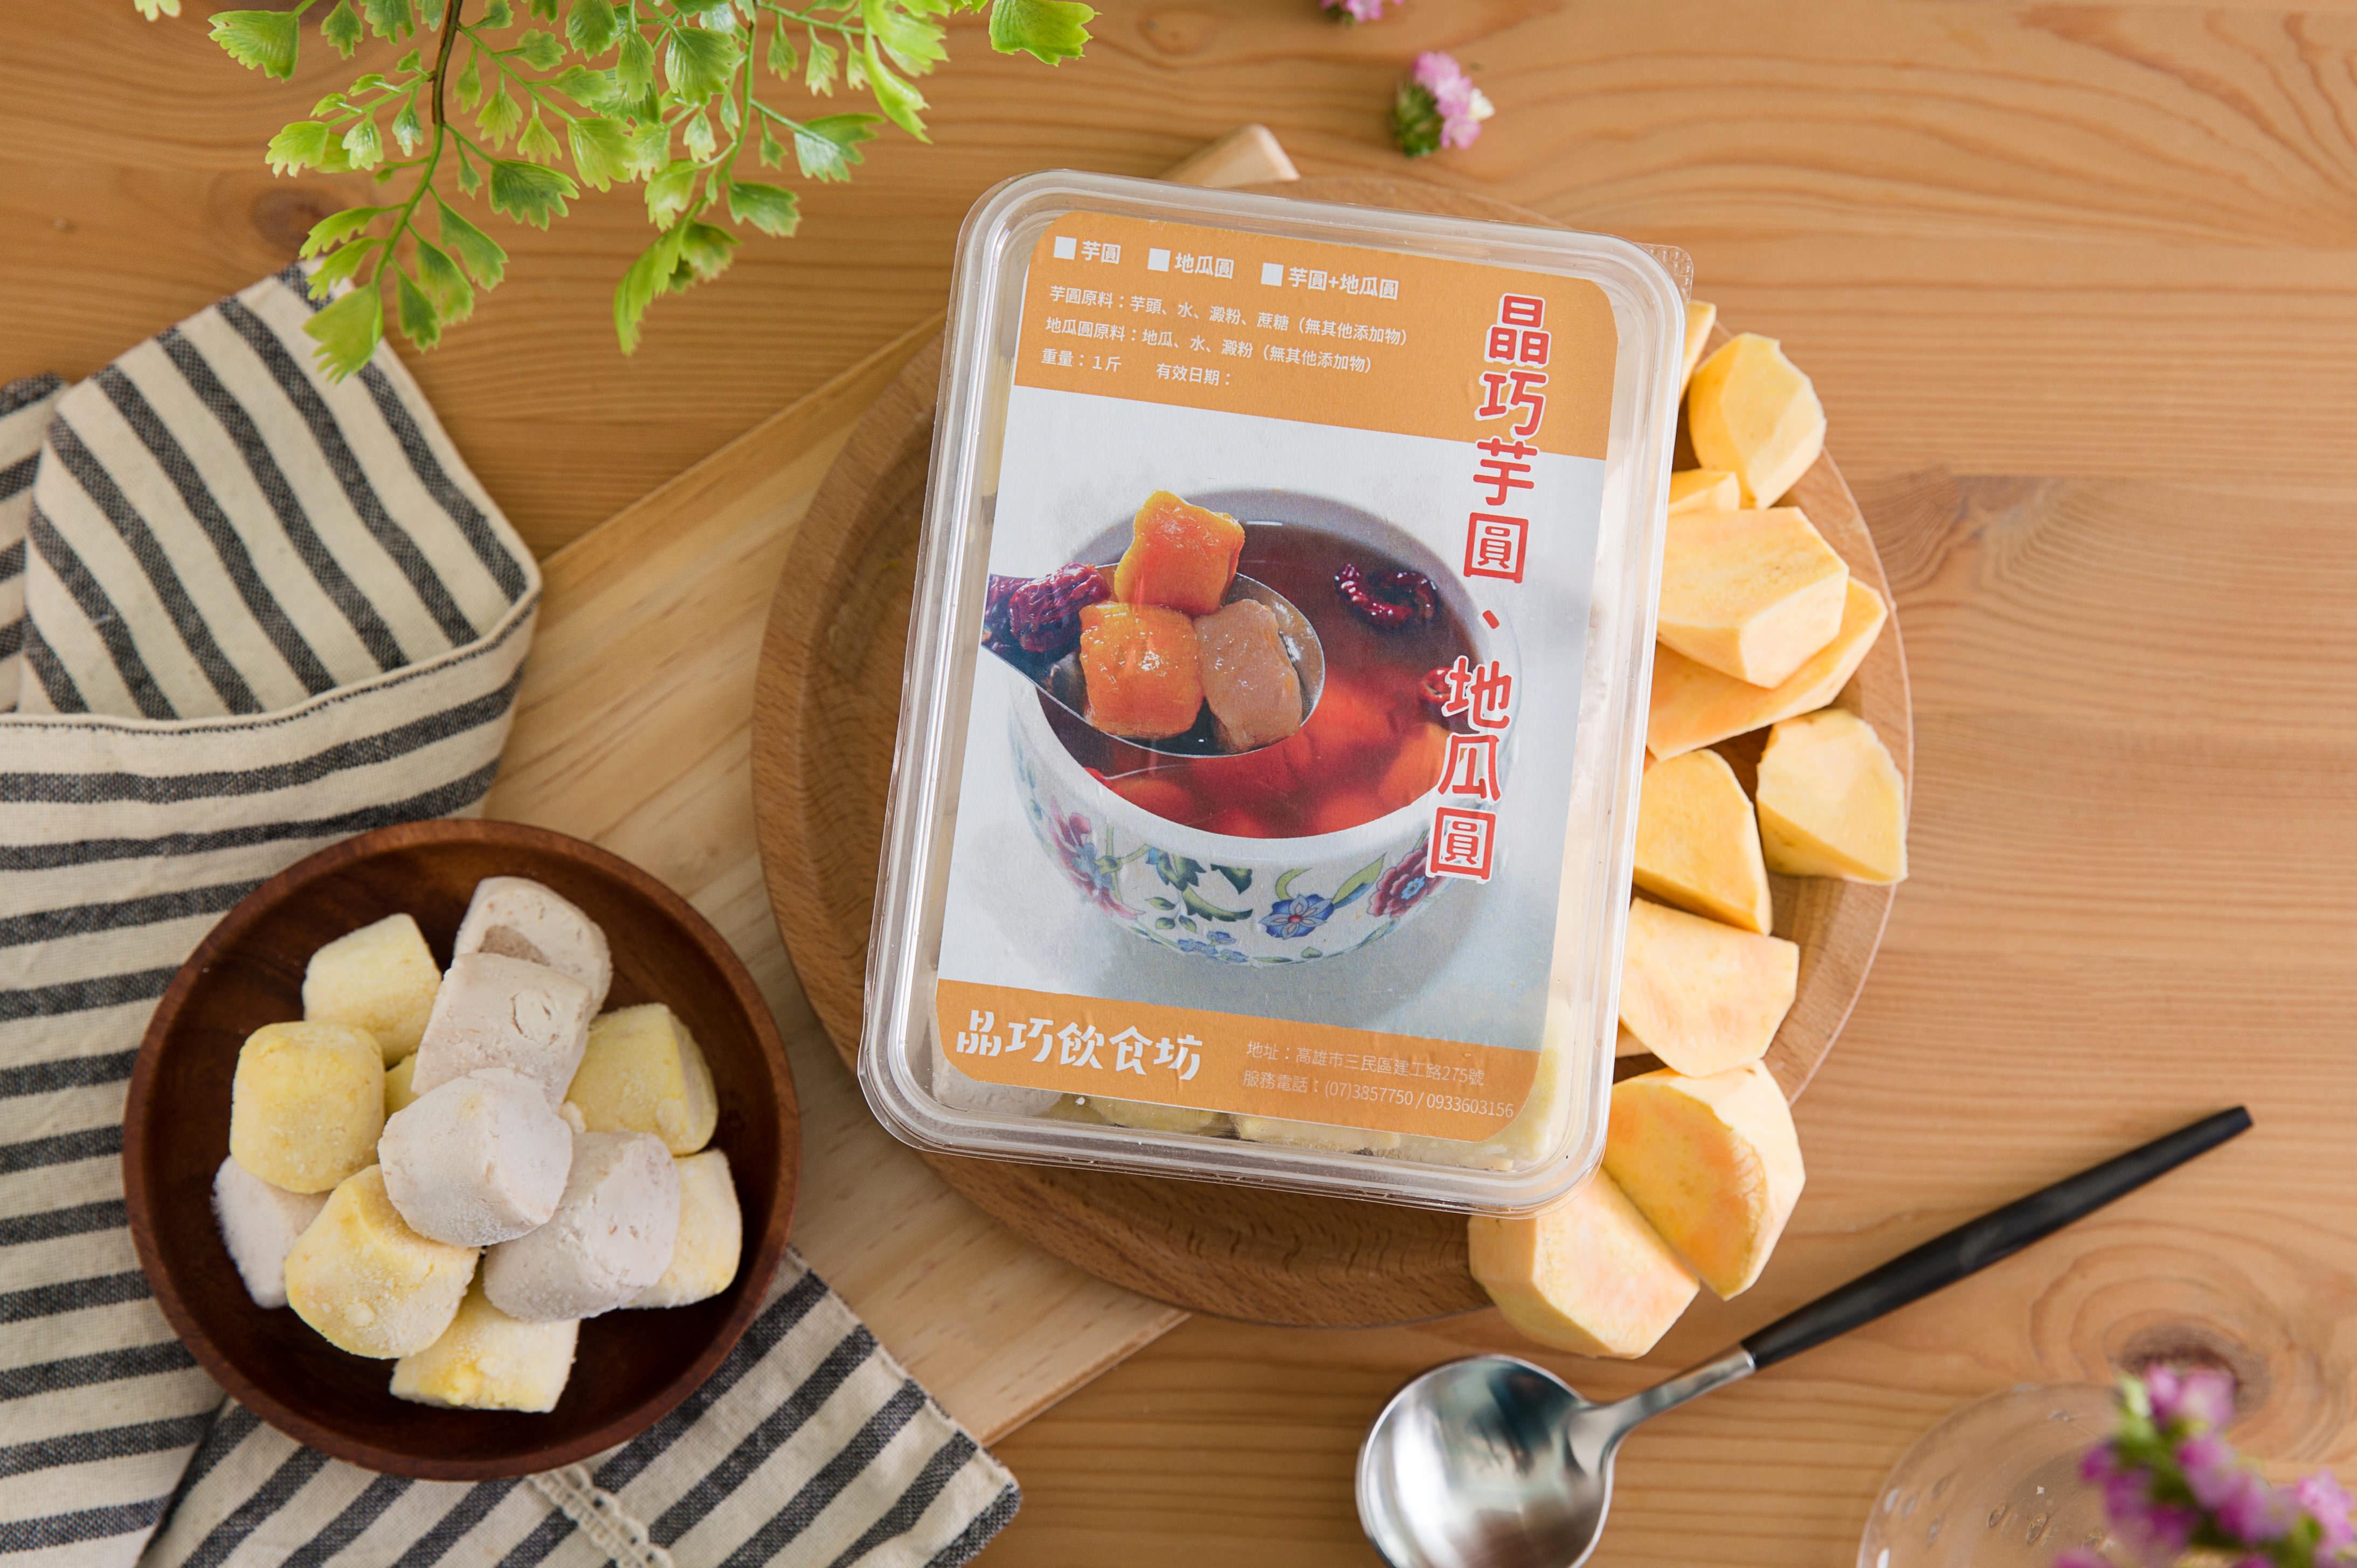 桂圓湯,紅棗桂圓湯,紅棗湯,糖蜜紅棗芋圓地瓜圓湯,晶巧飲食坊,北極星Polestar